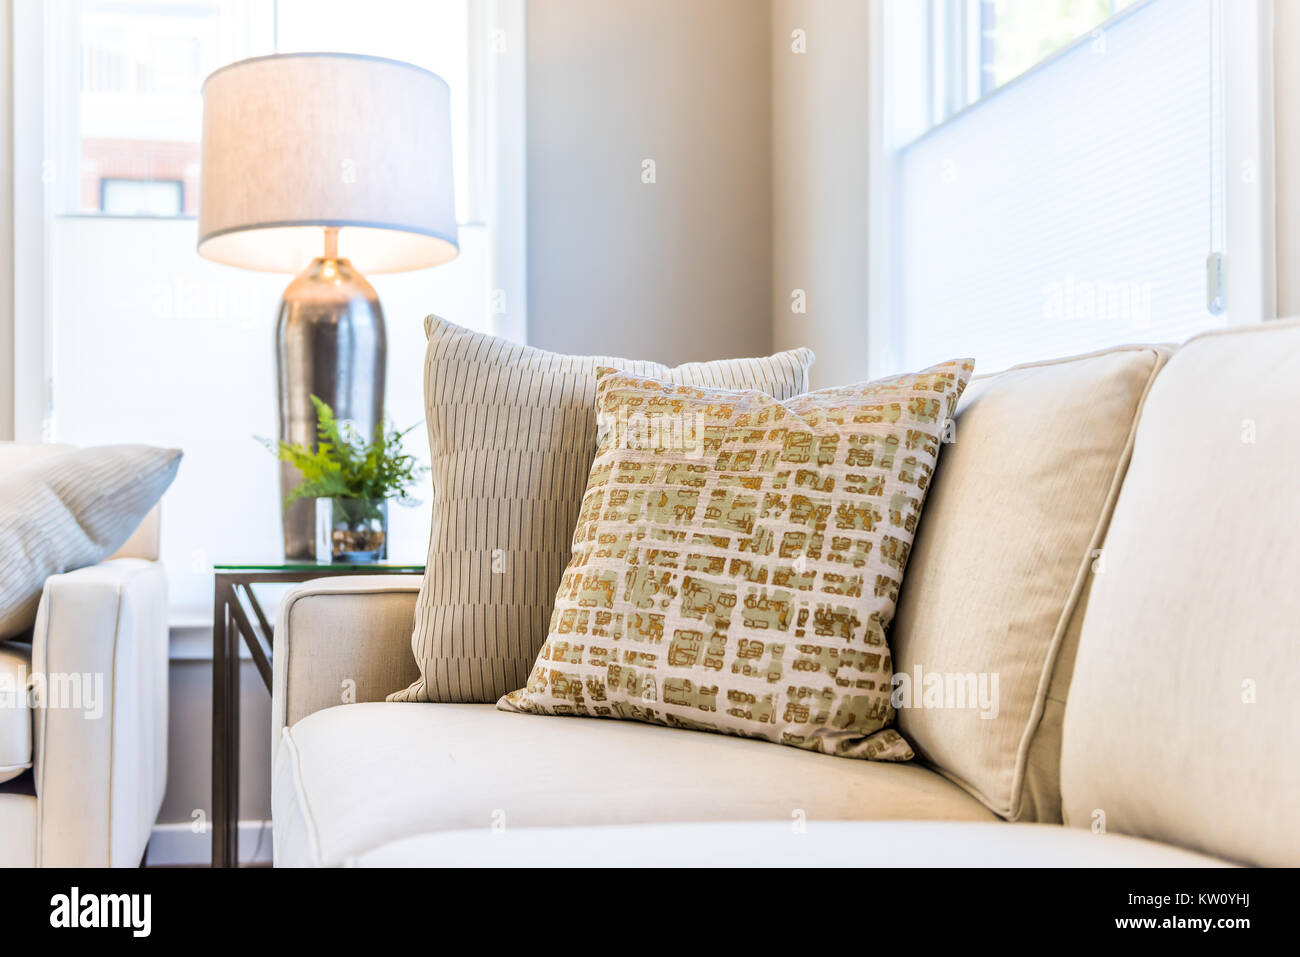 Nahaufnahme von zwei kissen auf der couch oder sofa von hellen